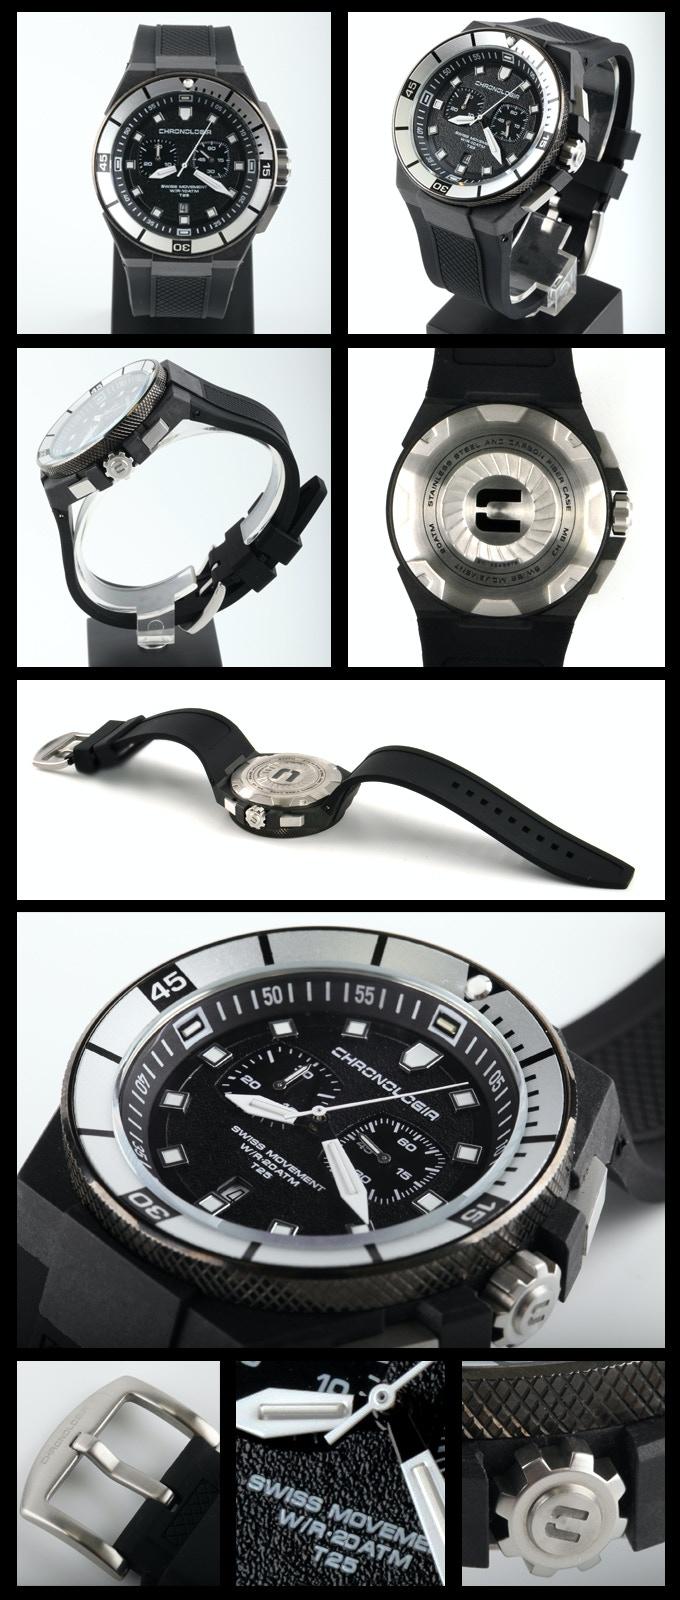 Actual Dive Chronograph Photos